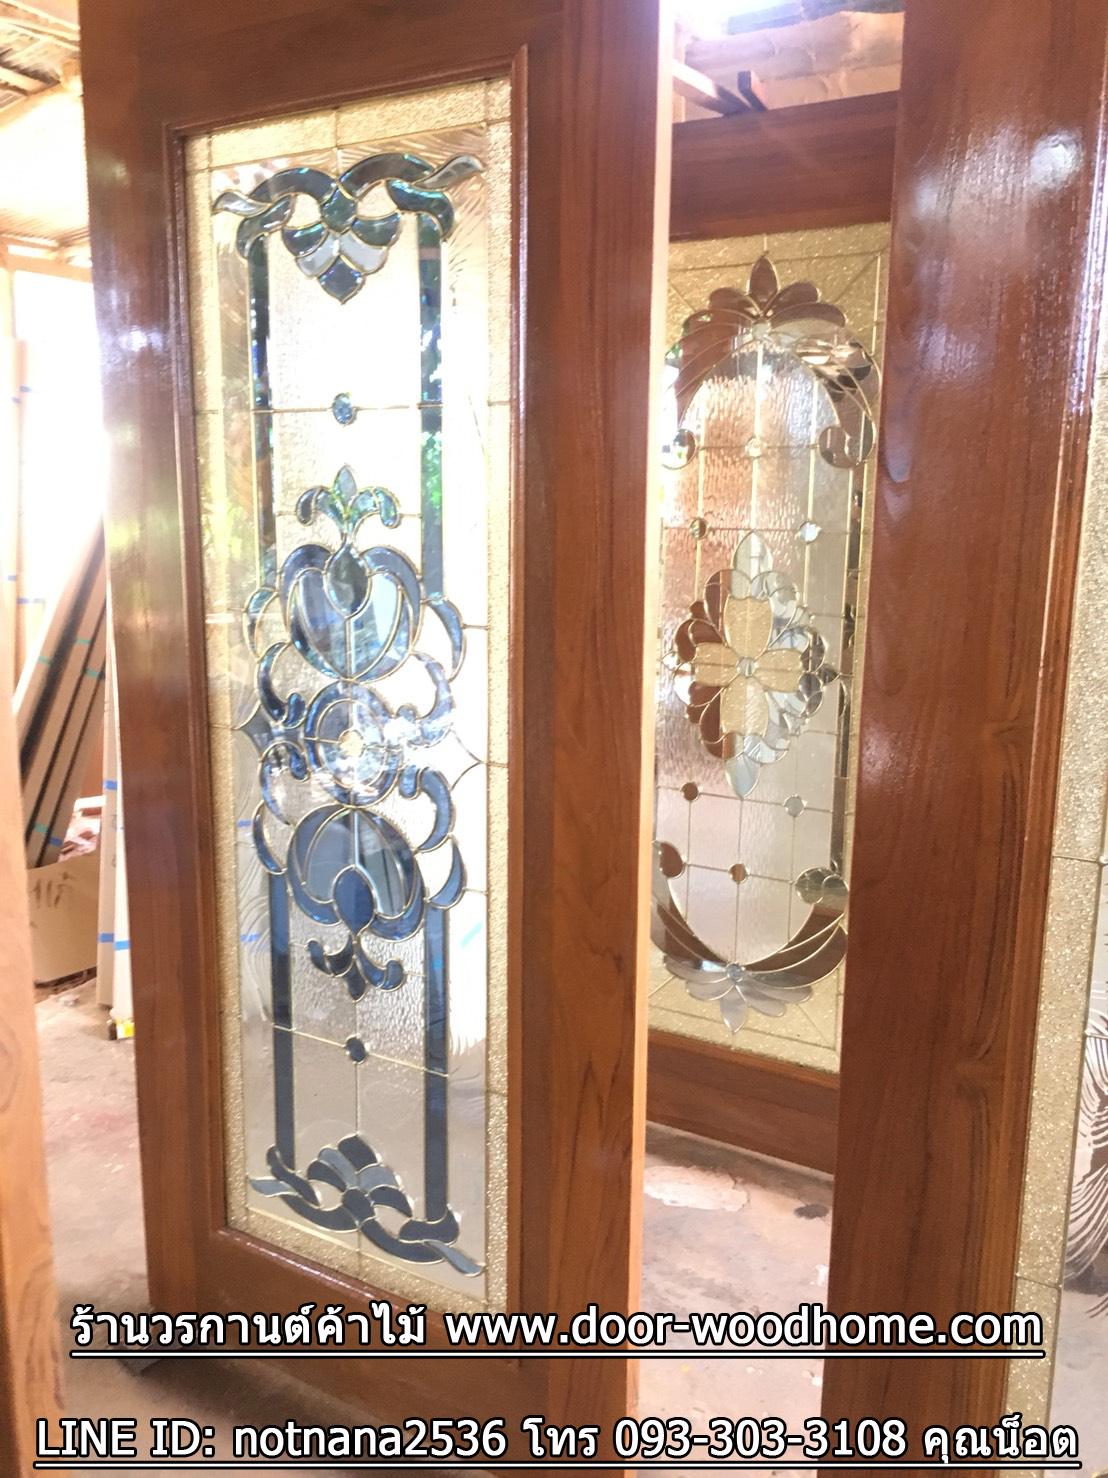 ประตูไม้สักกระจกนิรภัยเต็มบาน เกรดA รหัส A152